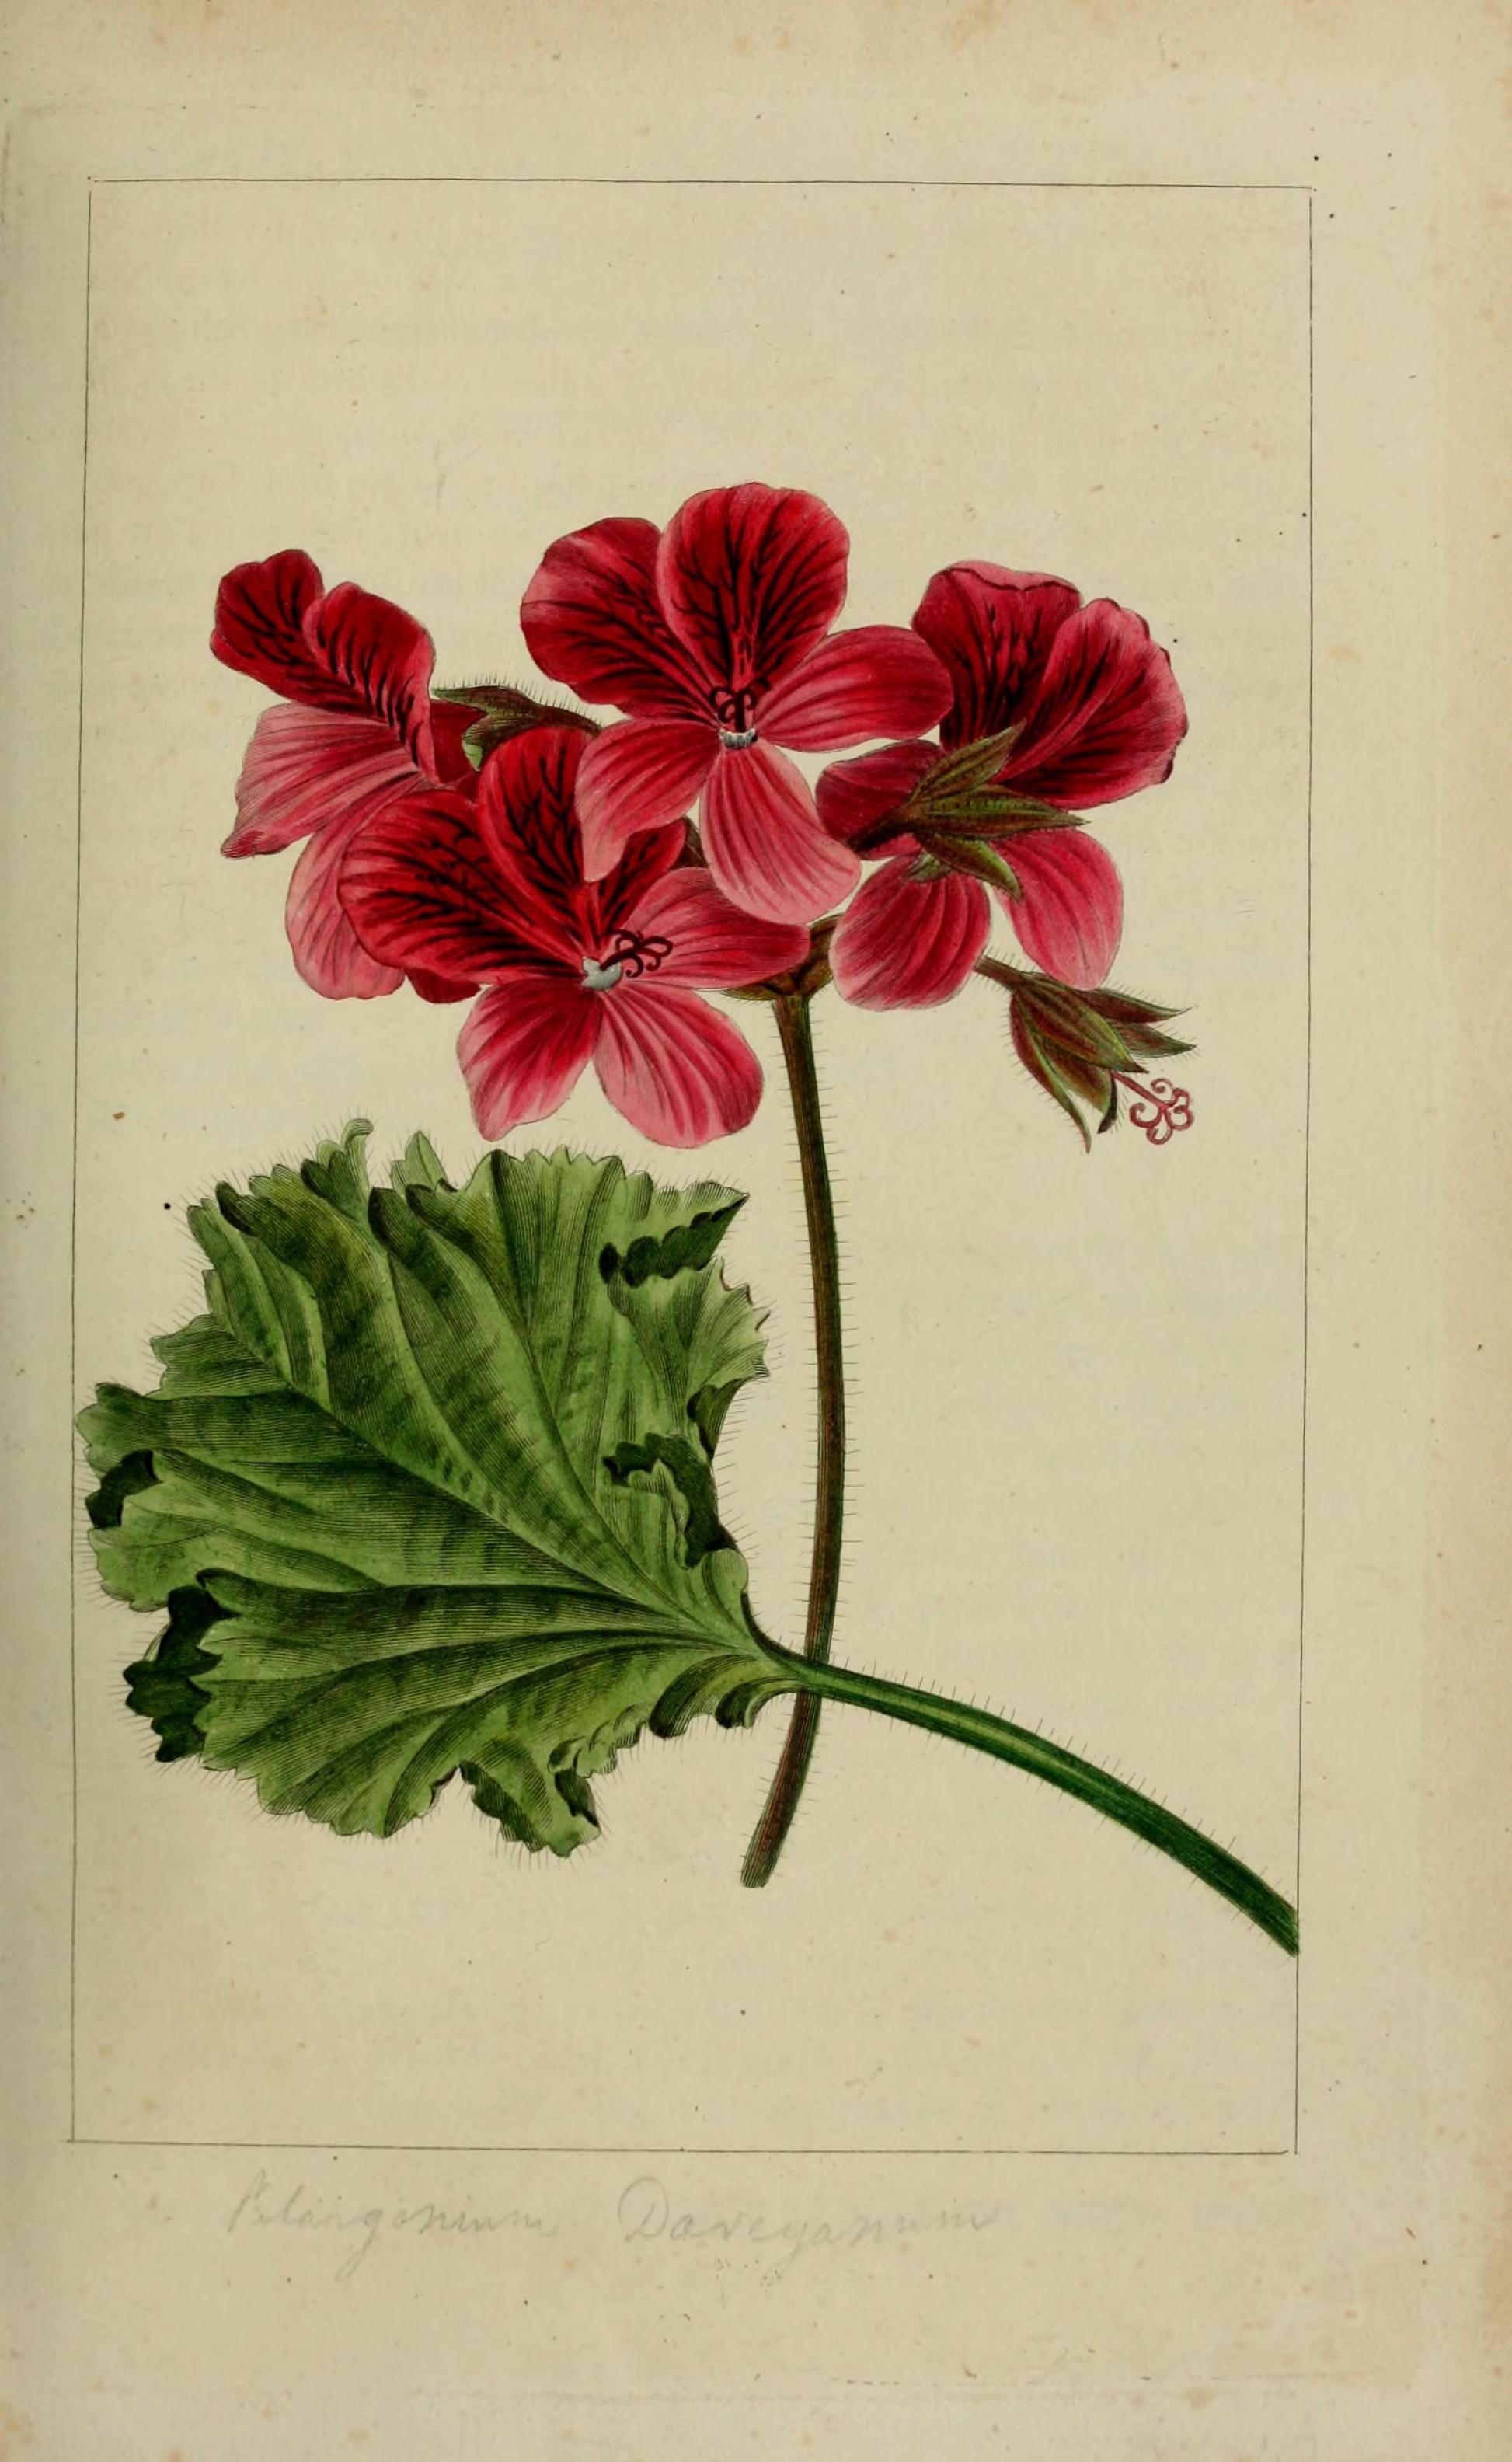 Pelargonium betulinum (L.) L'Hérit. ex Aiton